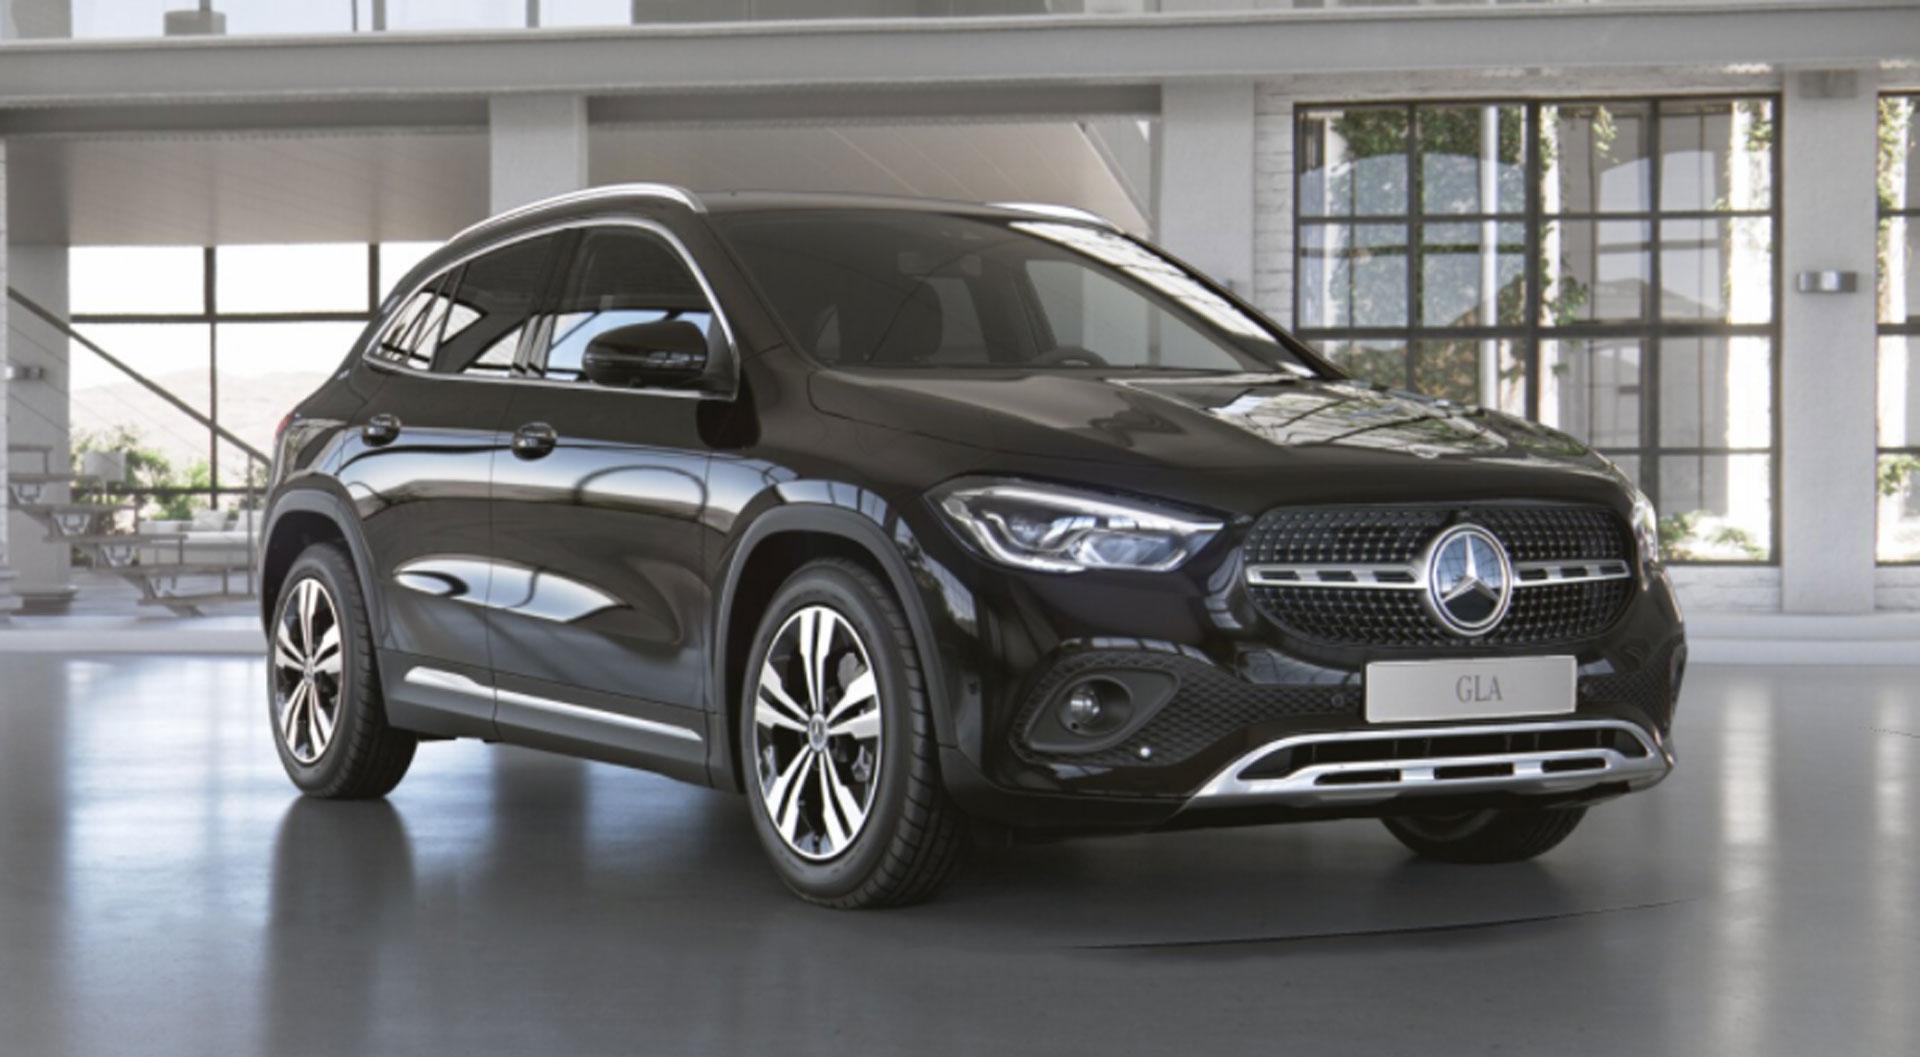 Mercedes-Benz GLA-Class 0152605102